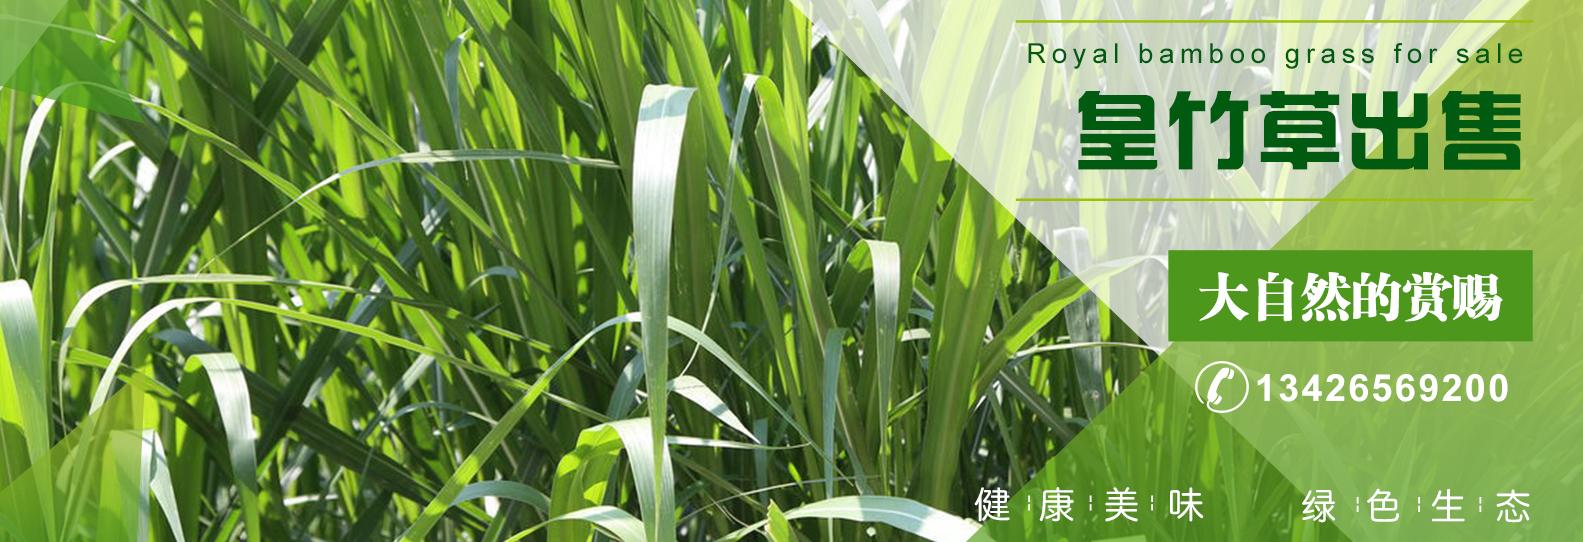 利用皇竹草养牛常见的两大问题了解一下